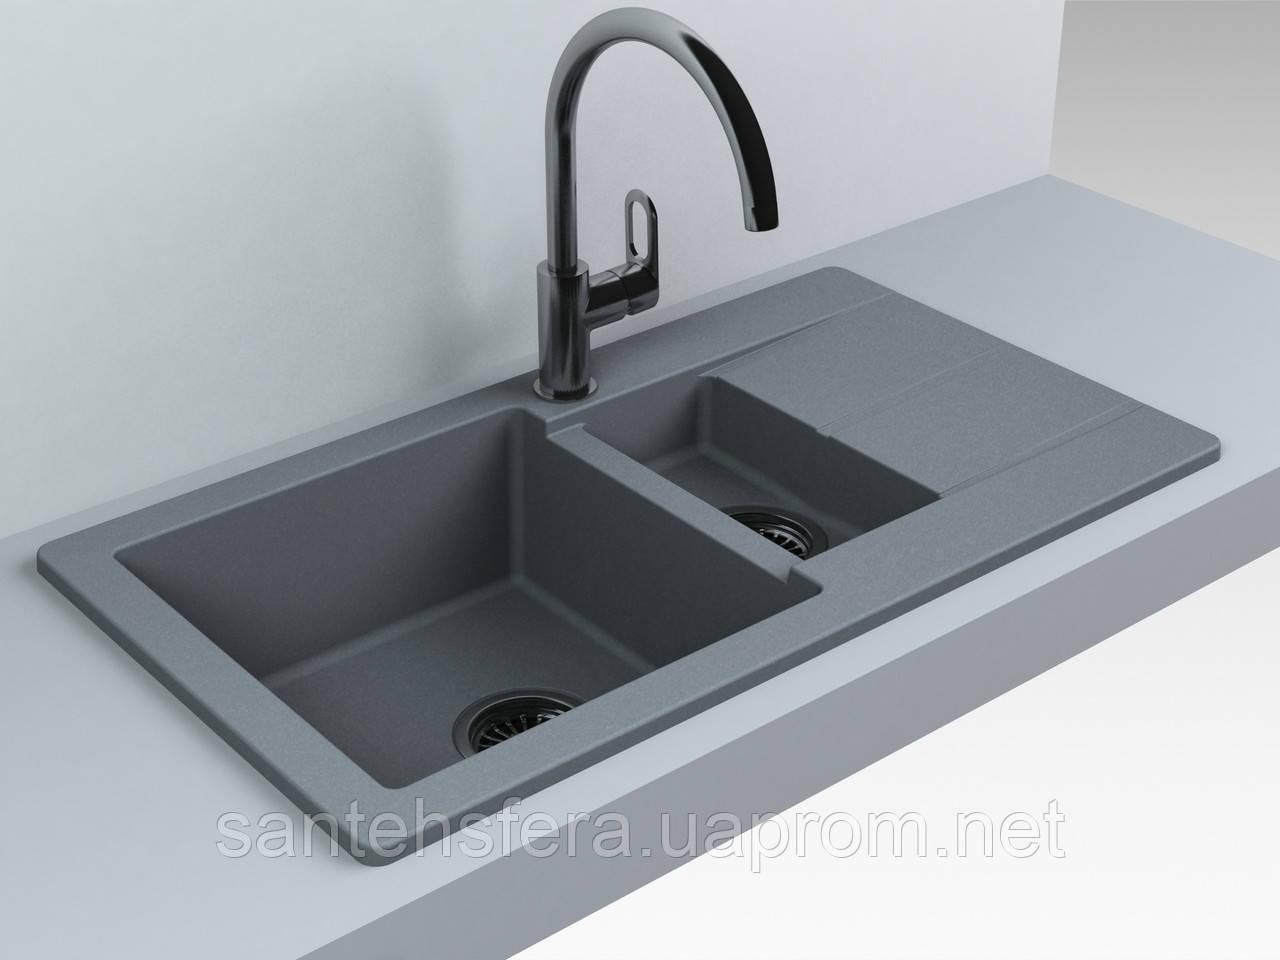 Прямоугольная гранитная кухонная мойка Fancy Marble Alabama, 107087013, цвет серый